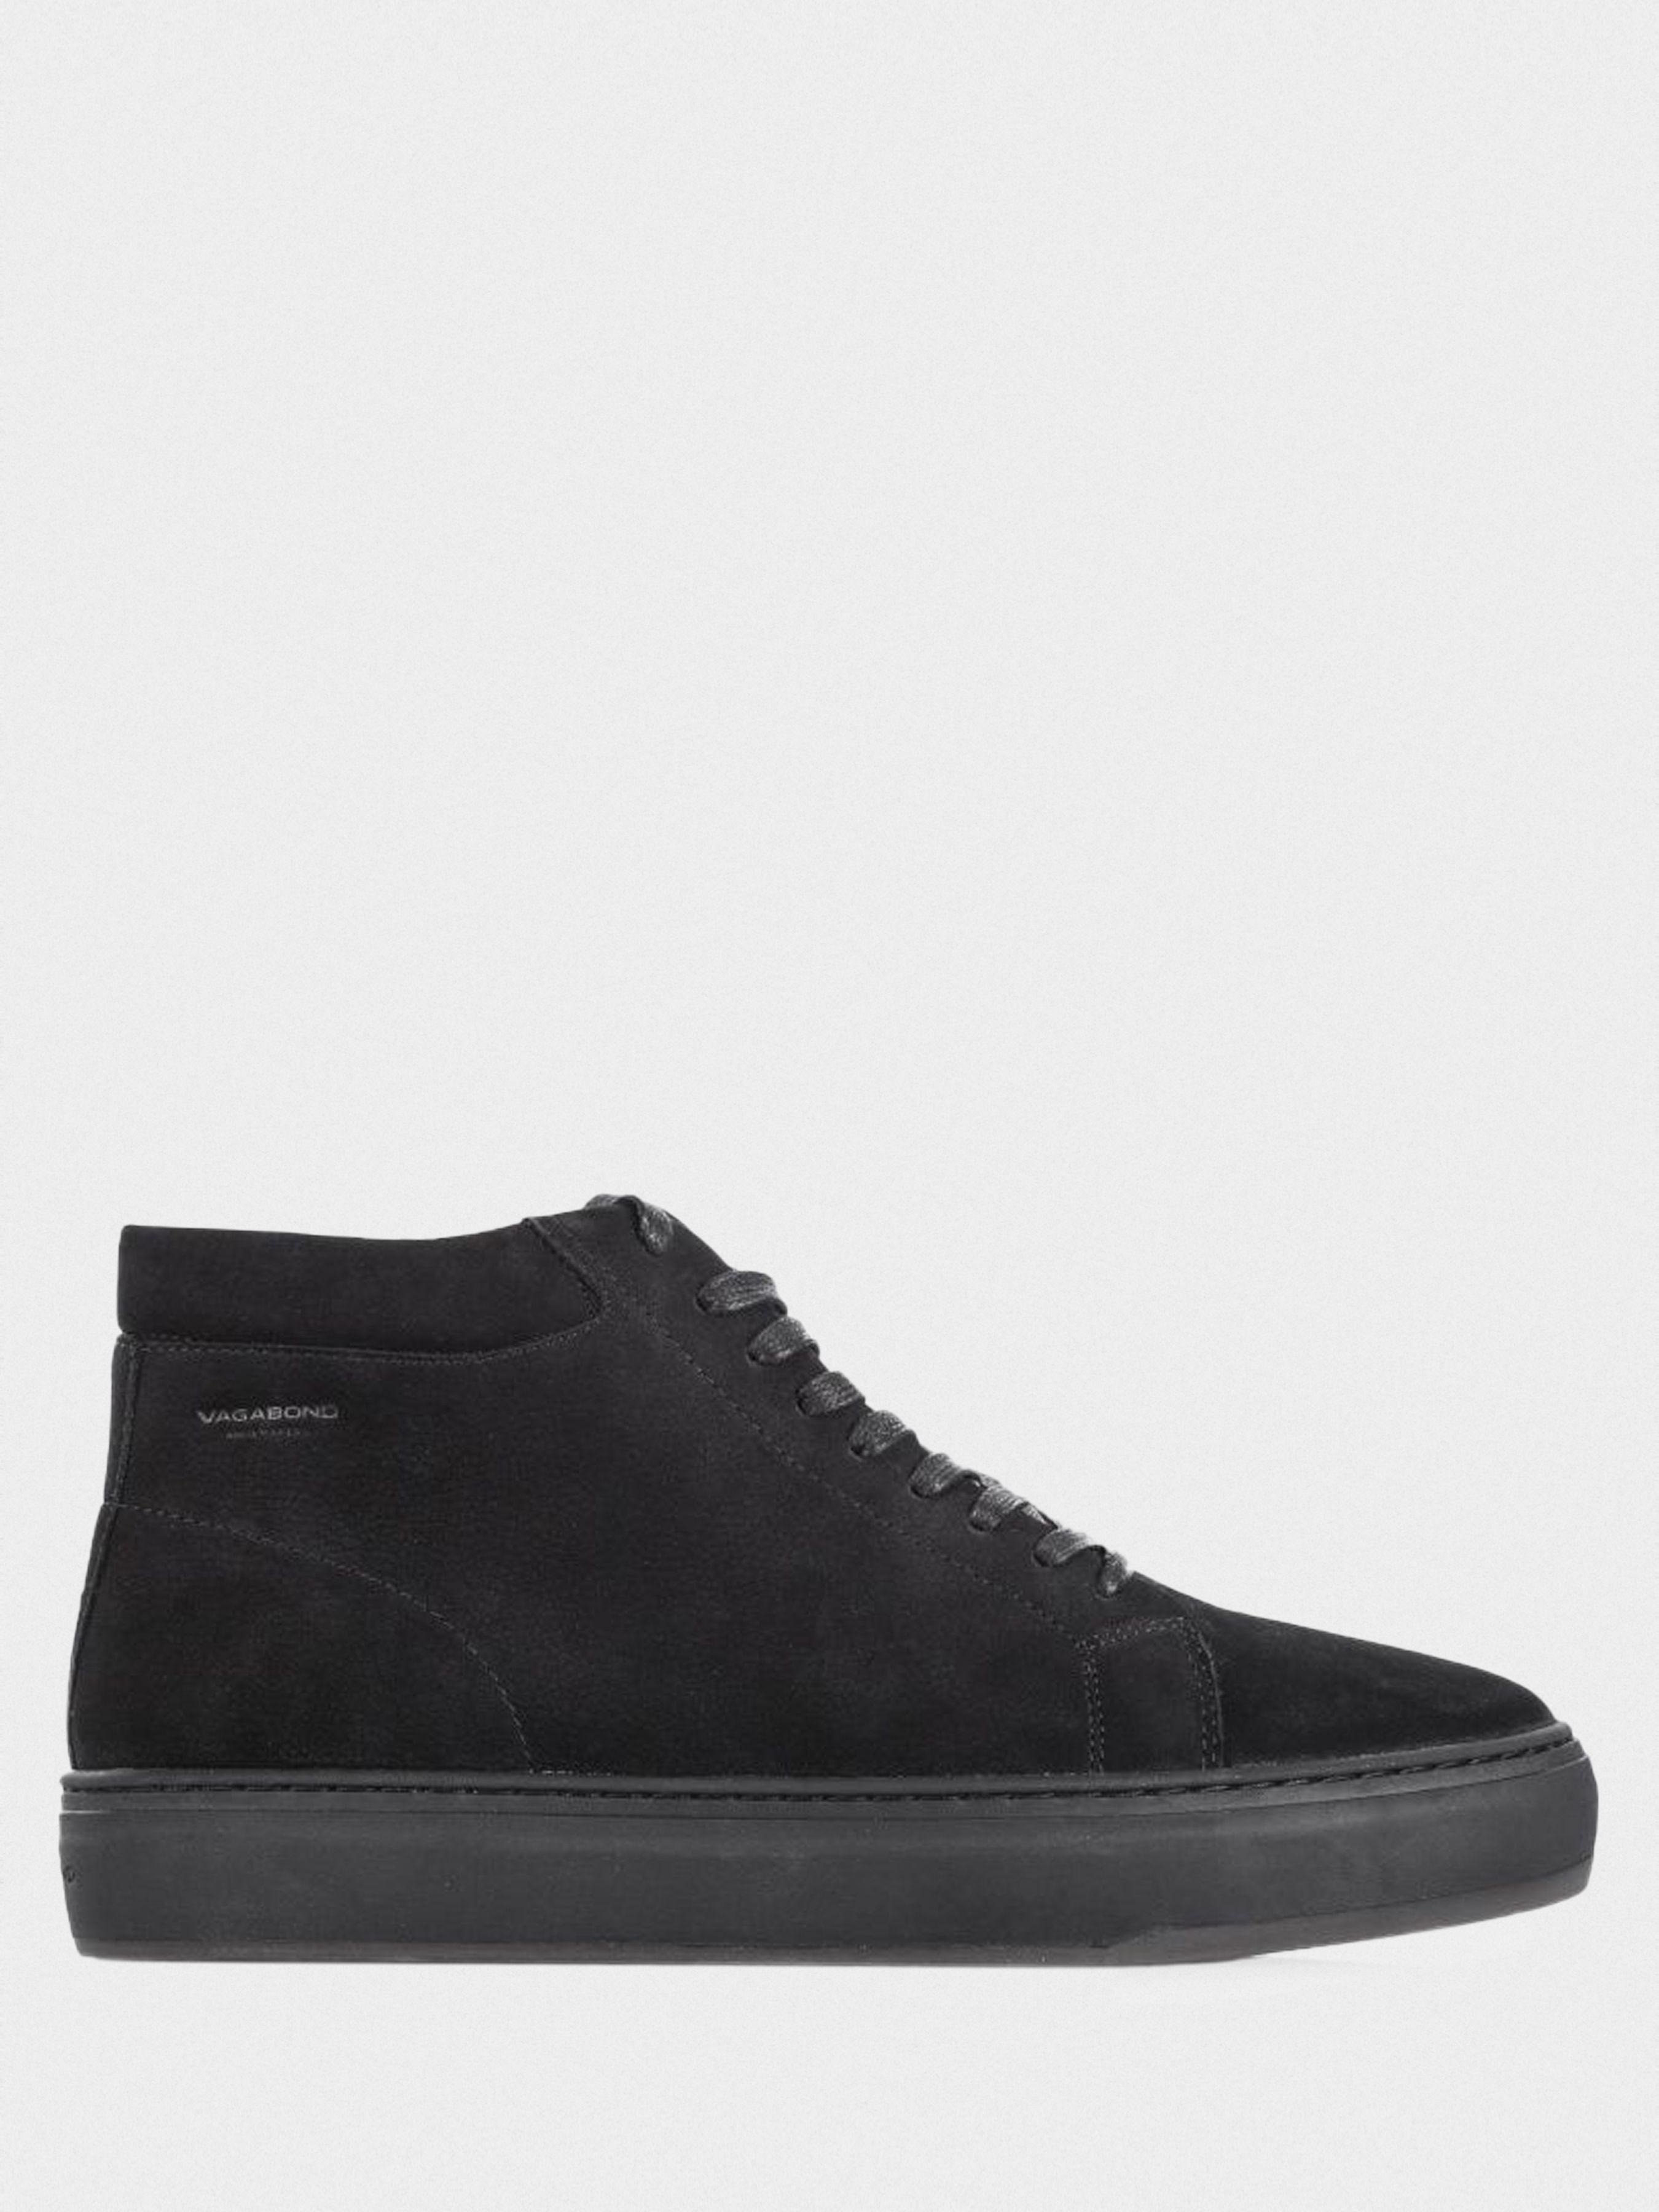 Купить Ботинки мужские VAGABOND STEVE VM1990, Черный